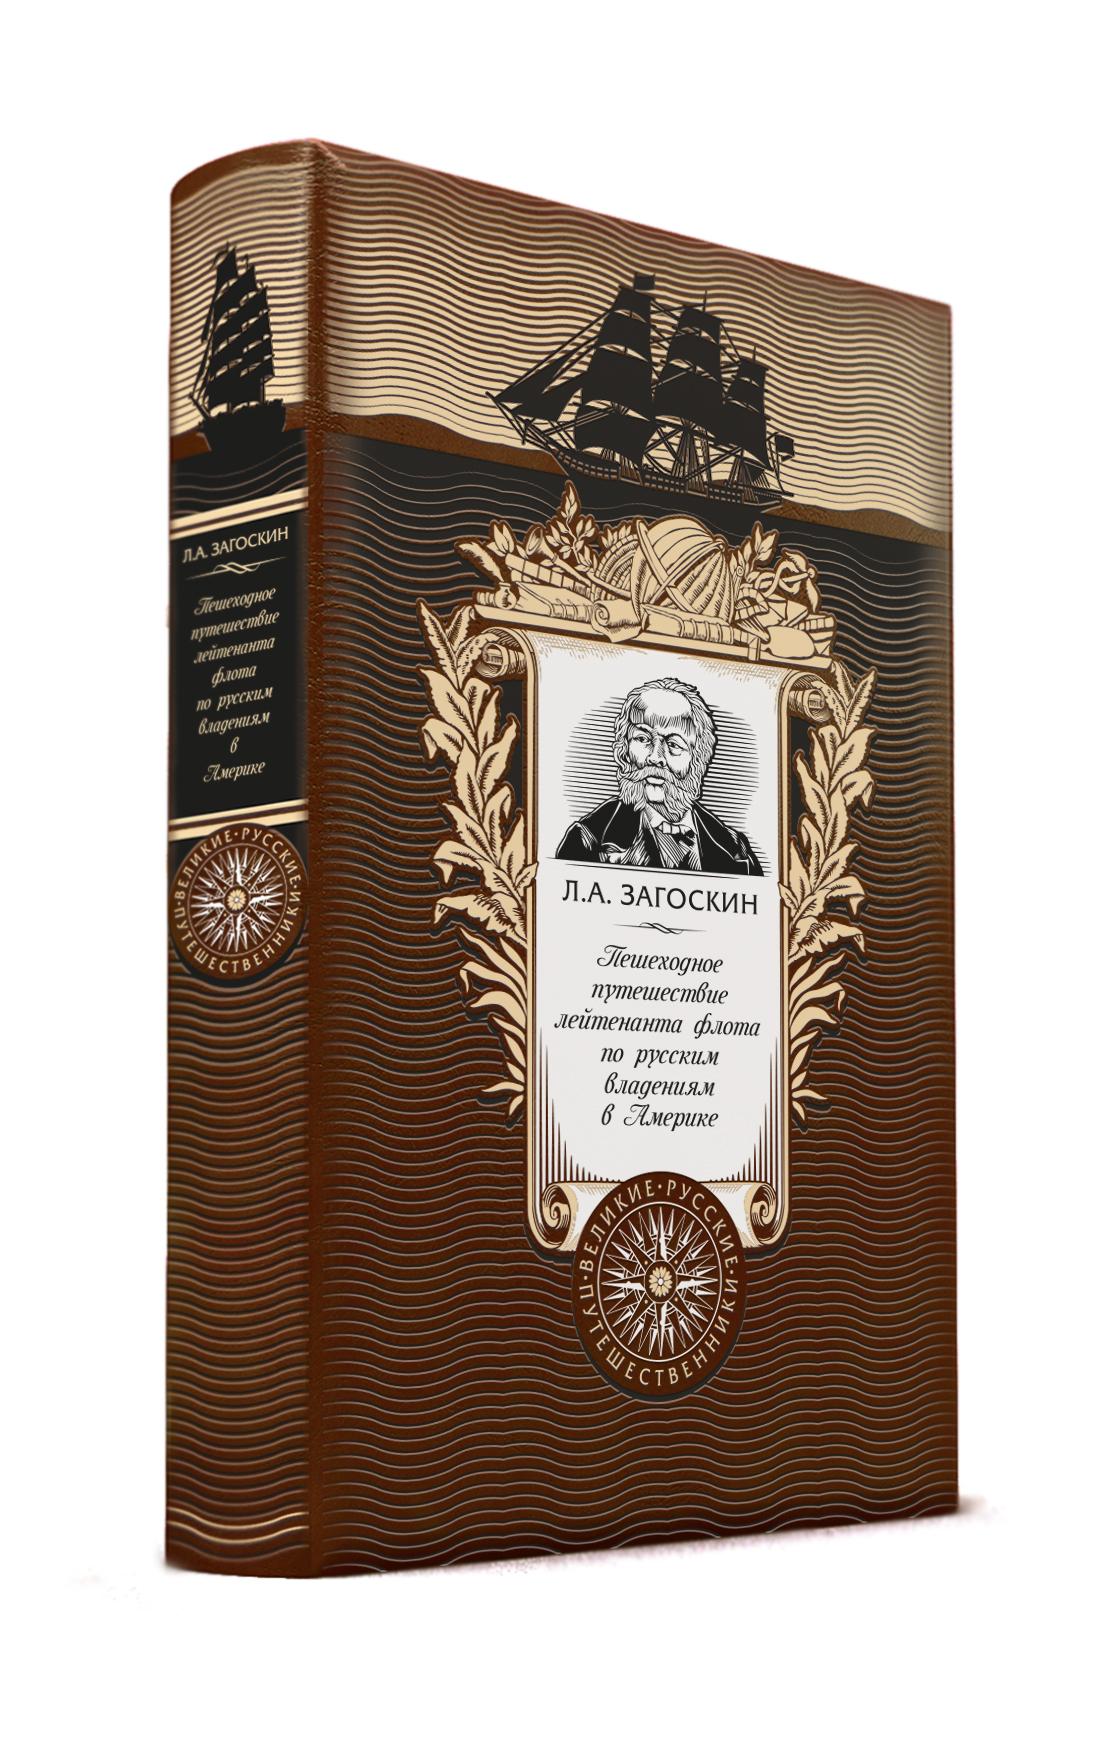 Л. А. Загоскин Пешеходное путешествие лейтенанта флота по русским владениям в Америке. Книга в коллекционном кожаном переплете ручной работы с золоченым обрезом и с портретом автора цены онлайн